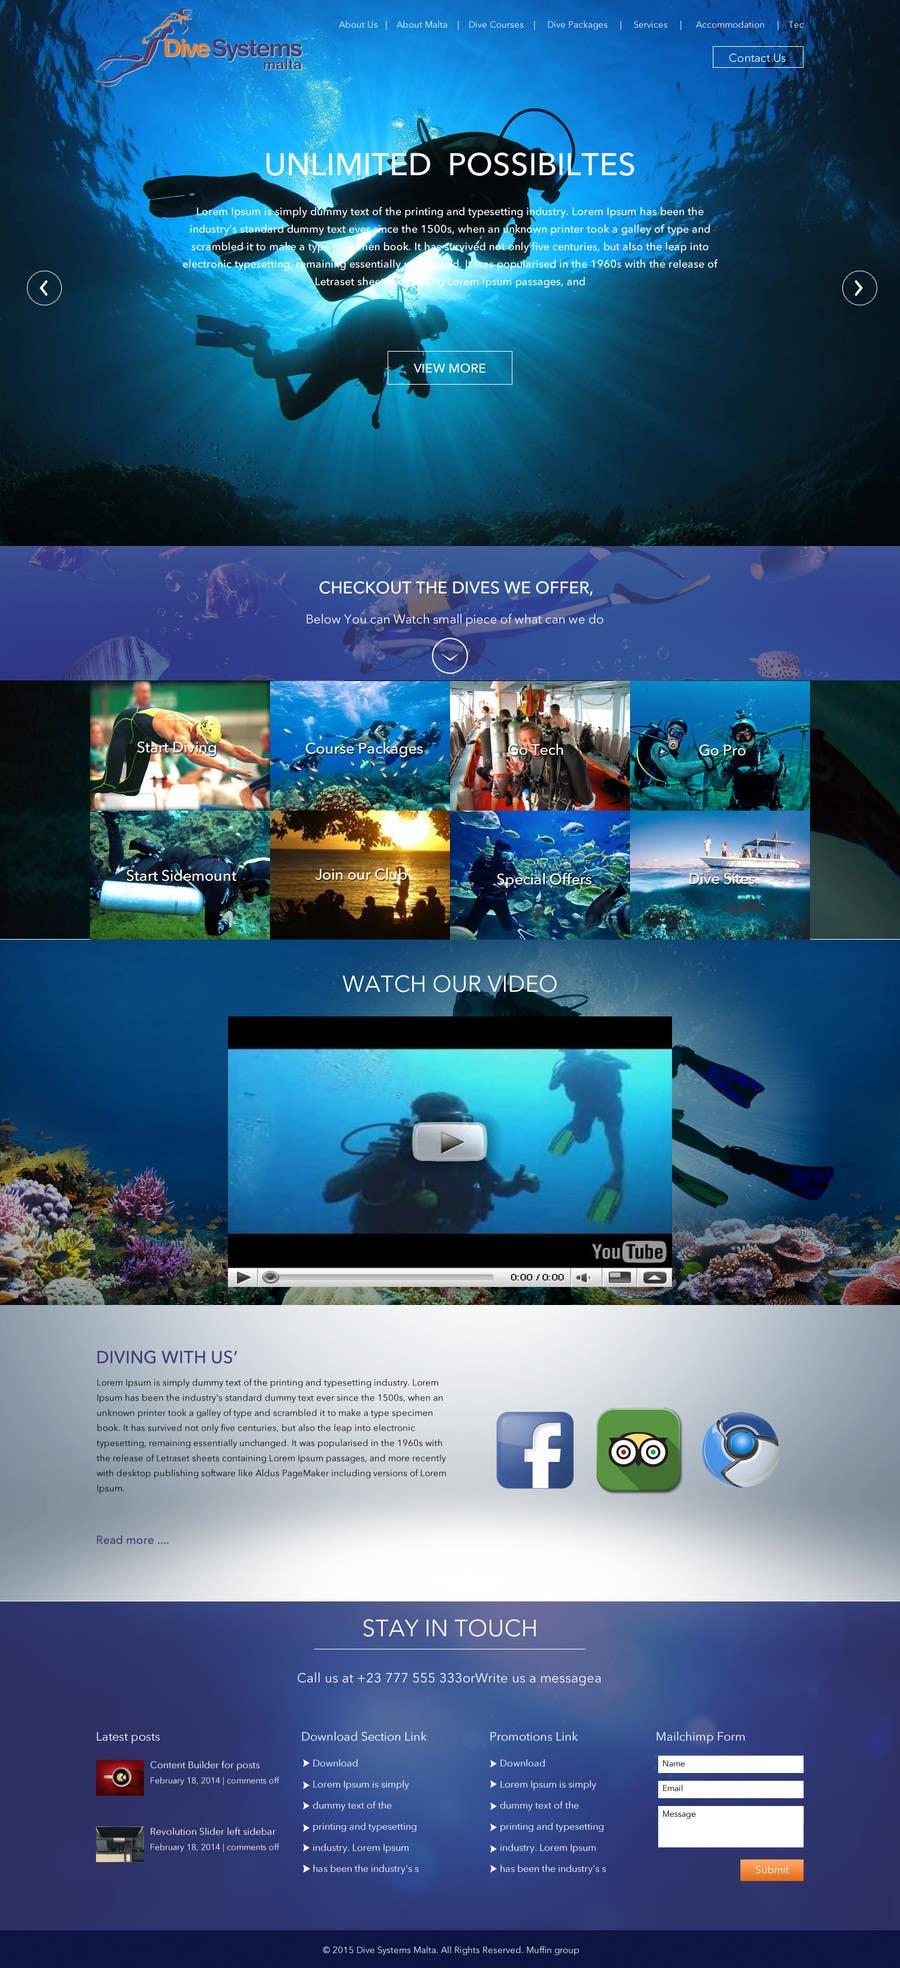 Konkurrenceindlæg #                                        7                                      for                                         Design a Website Mockup